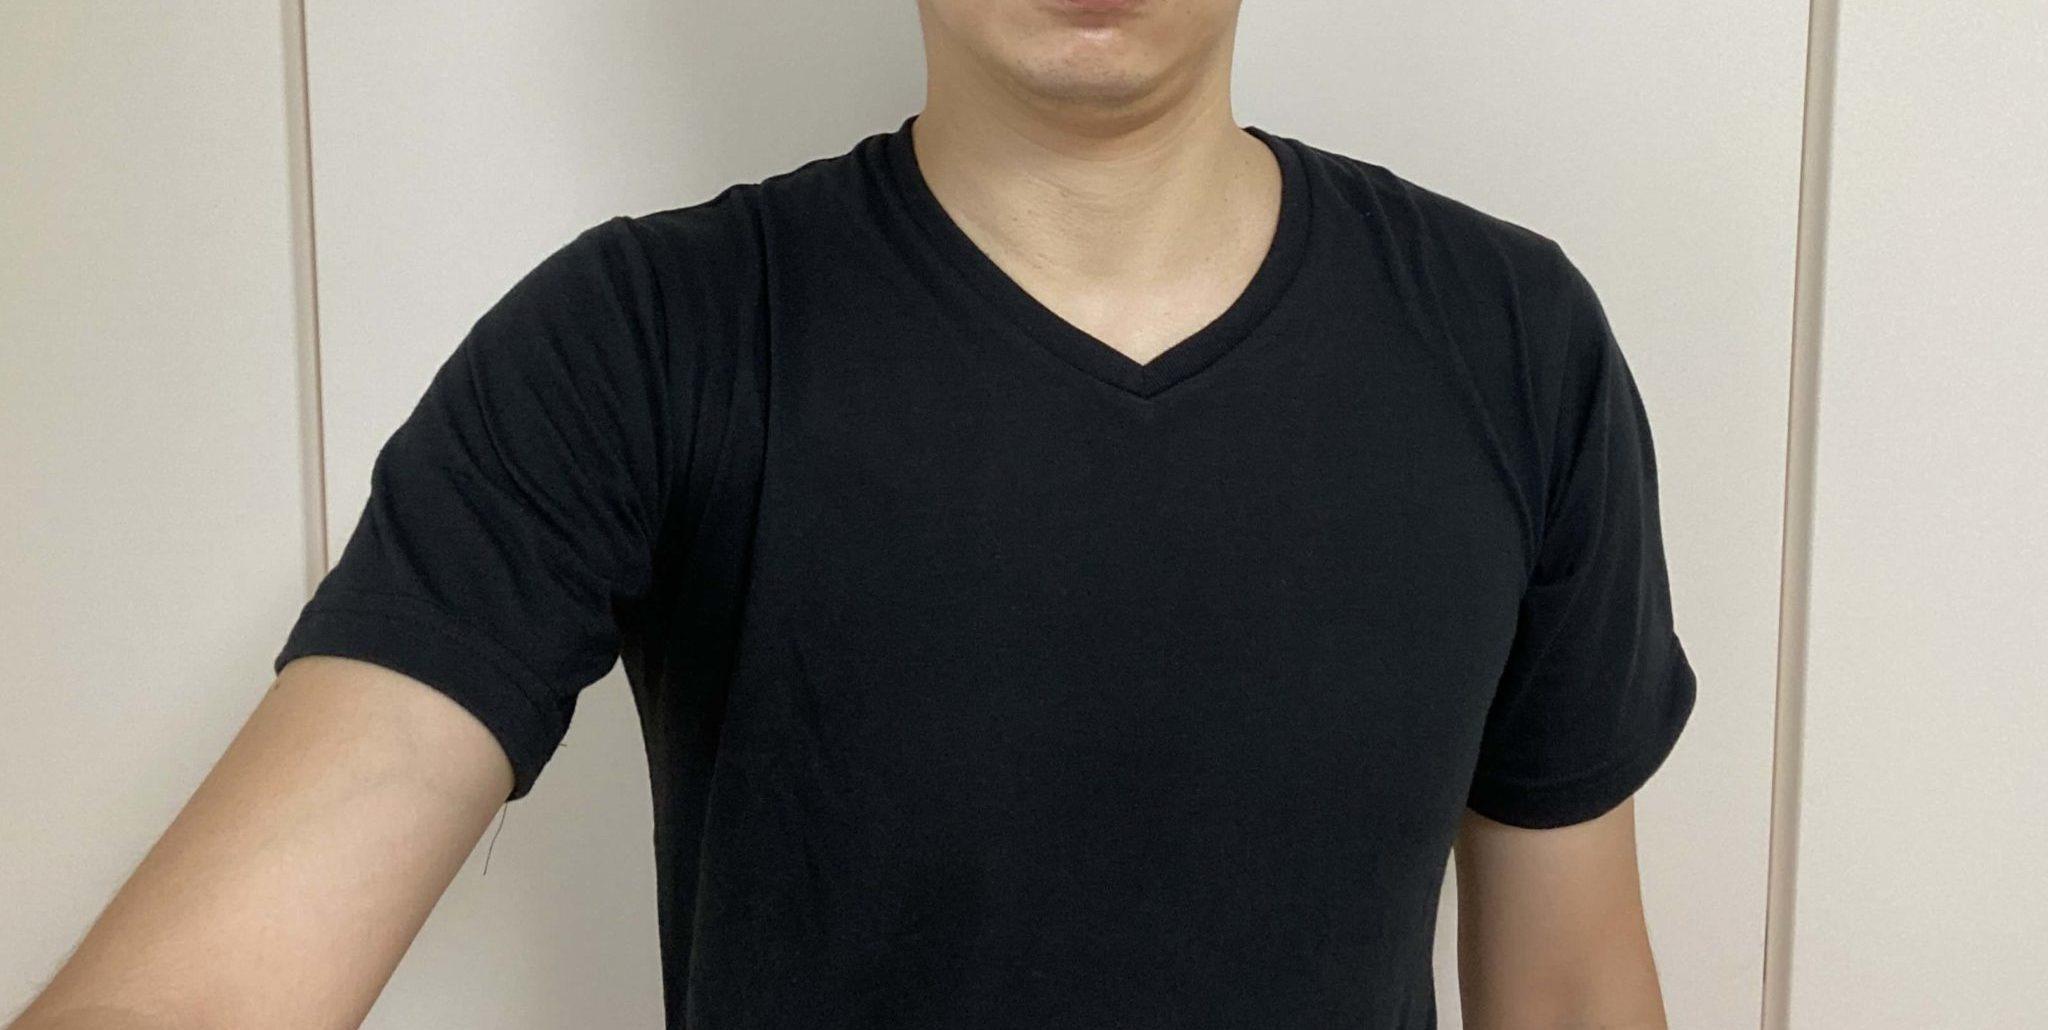 メンズファッションプラスのTシャツを試着